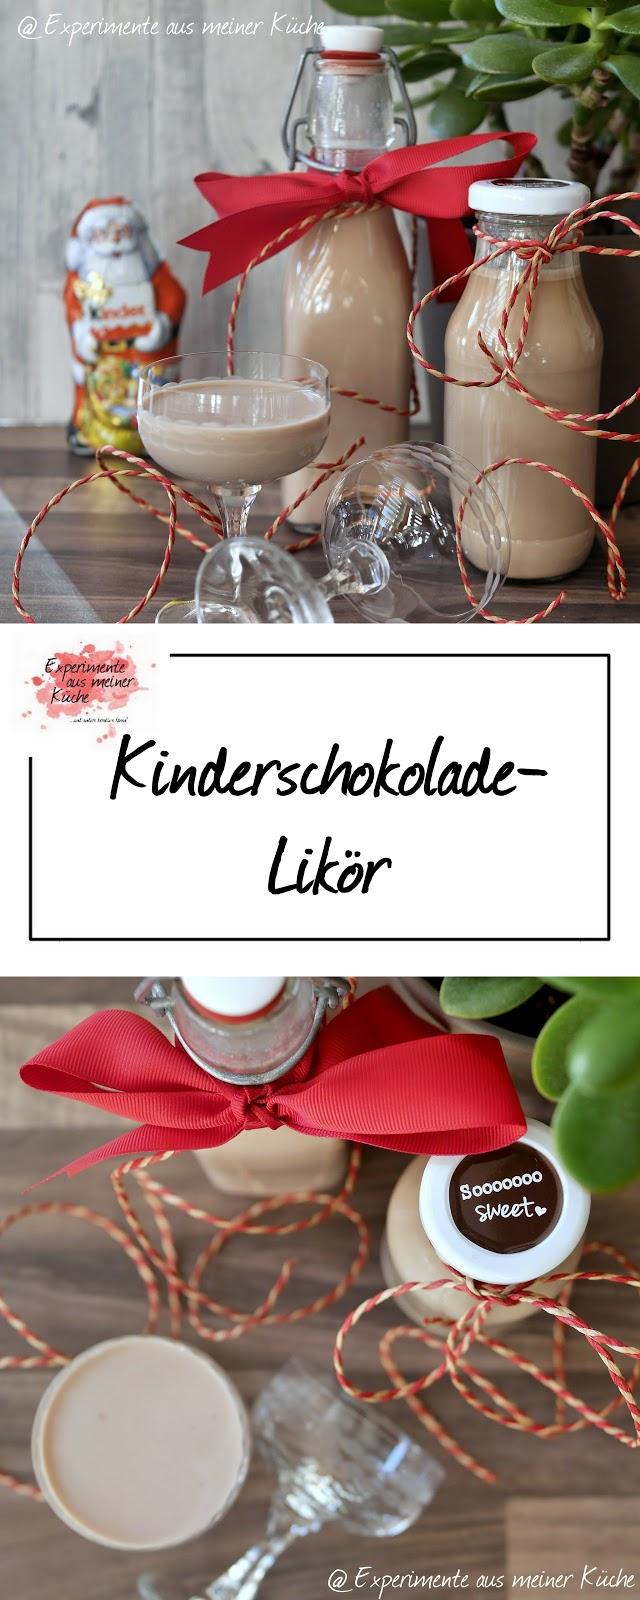 Experimente aus meiner Küche: Zwei Liköre zu Weihnachten ...